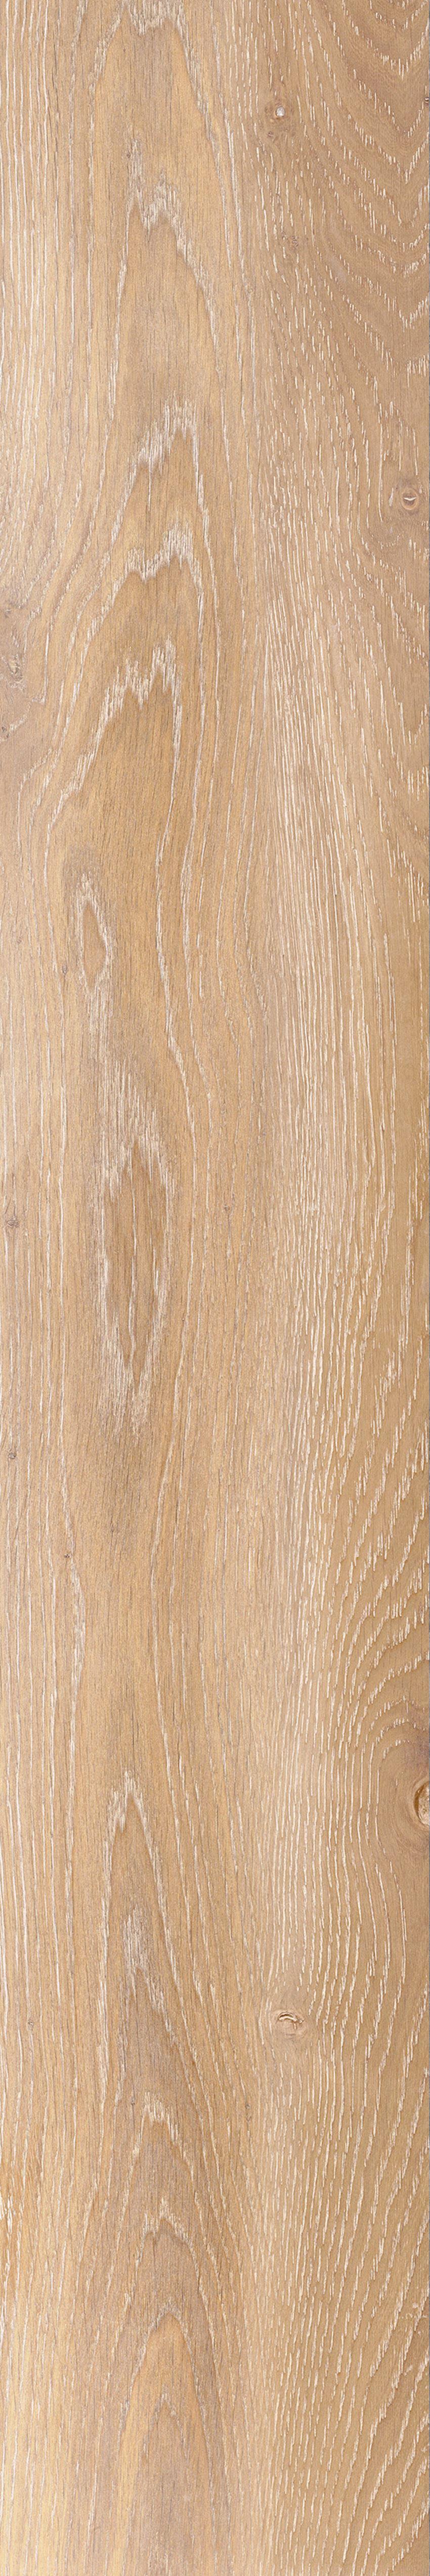 Płytka ścienno-podłogowa Cerrad Libero beige 46217